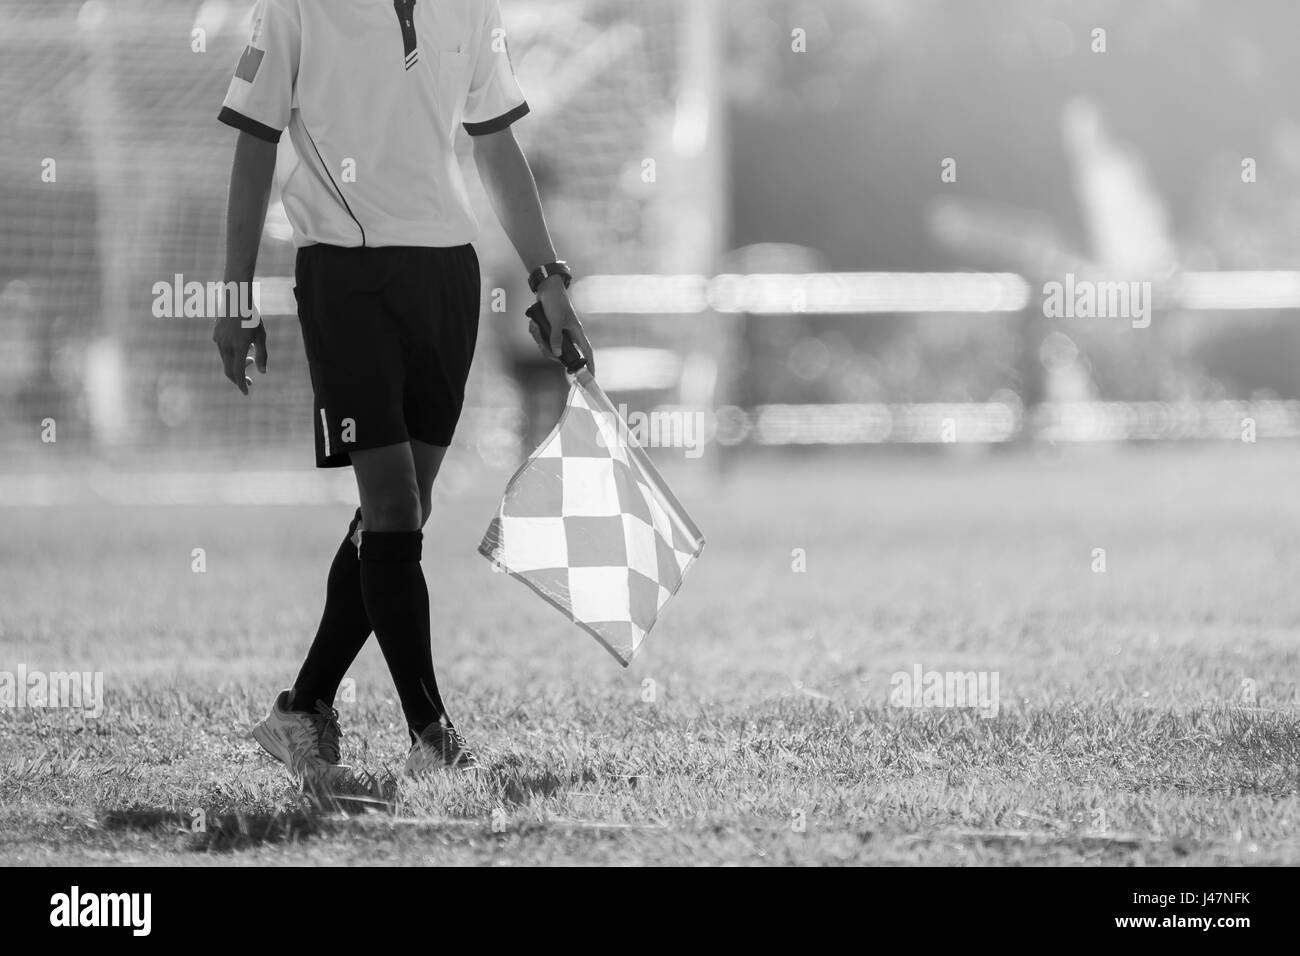 Arbitre Assistant se déplaçant le long de la ligne de touche lors d'un match de football. Arbitre Photo Stock